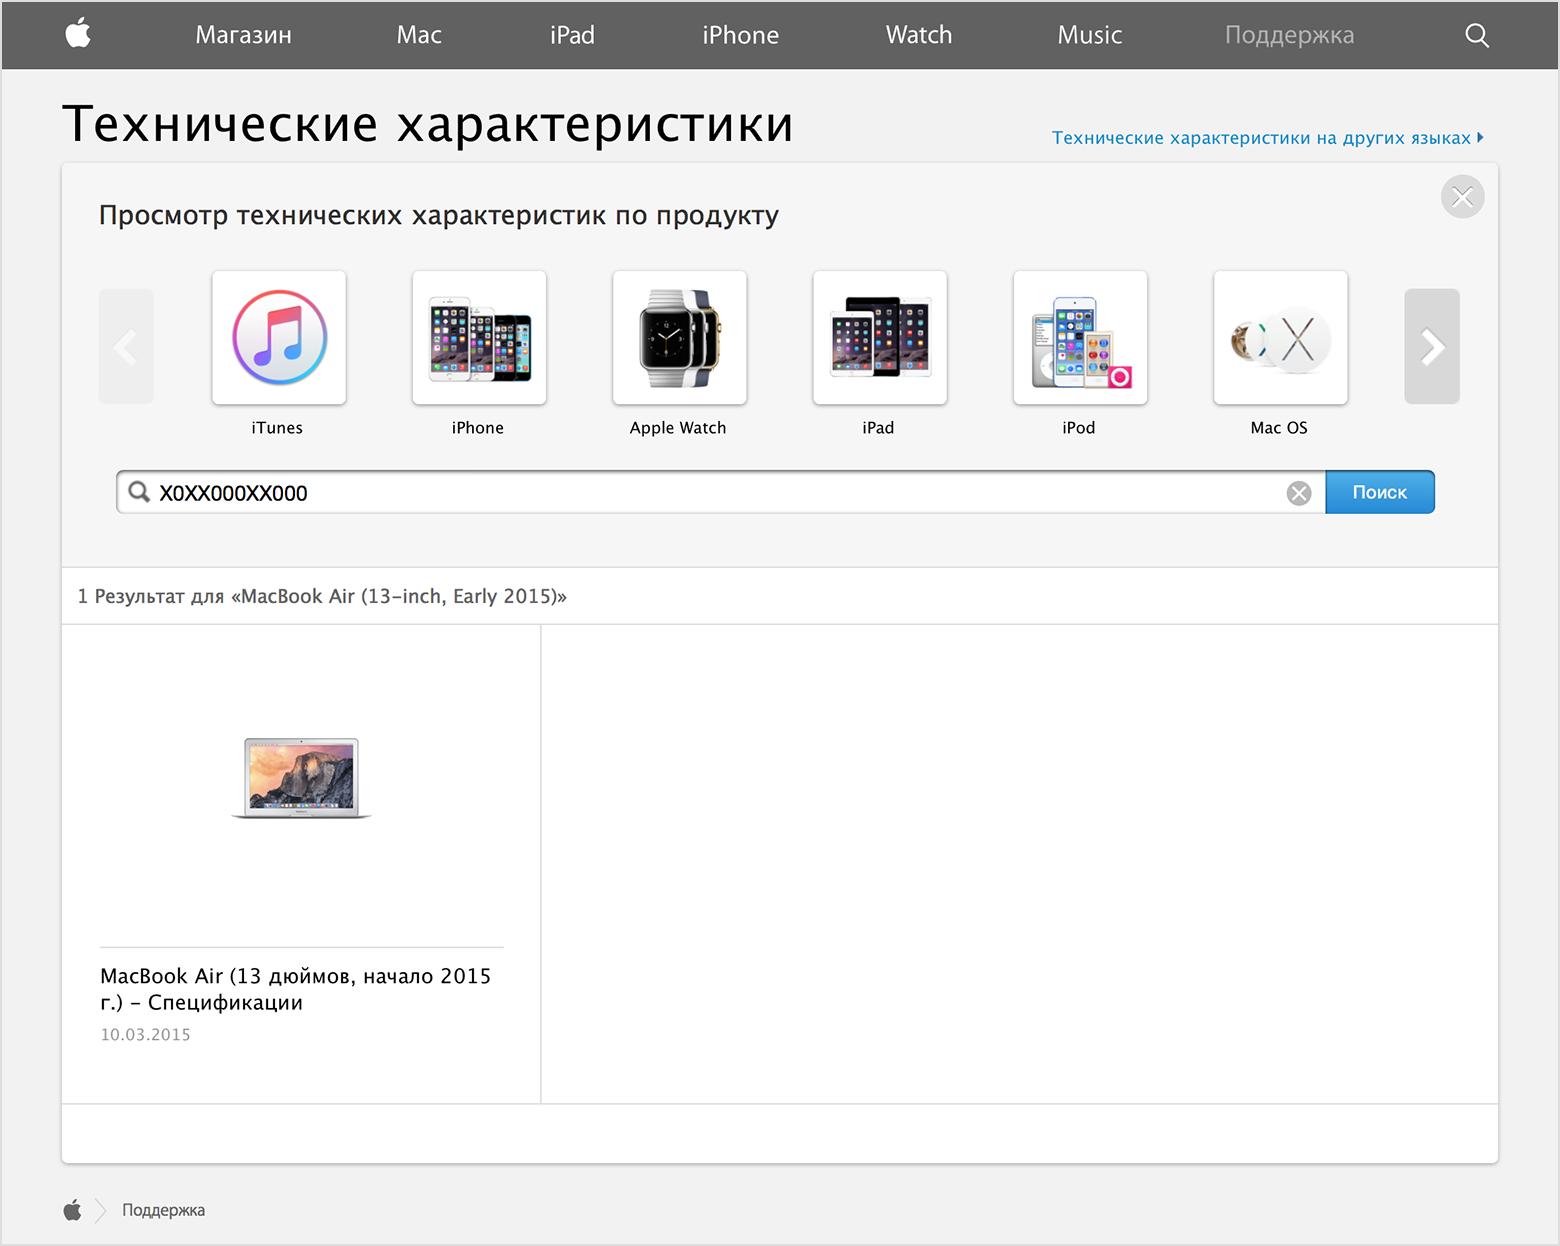 инструкция на русском языке к усилителю audison srx 4.1